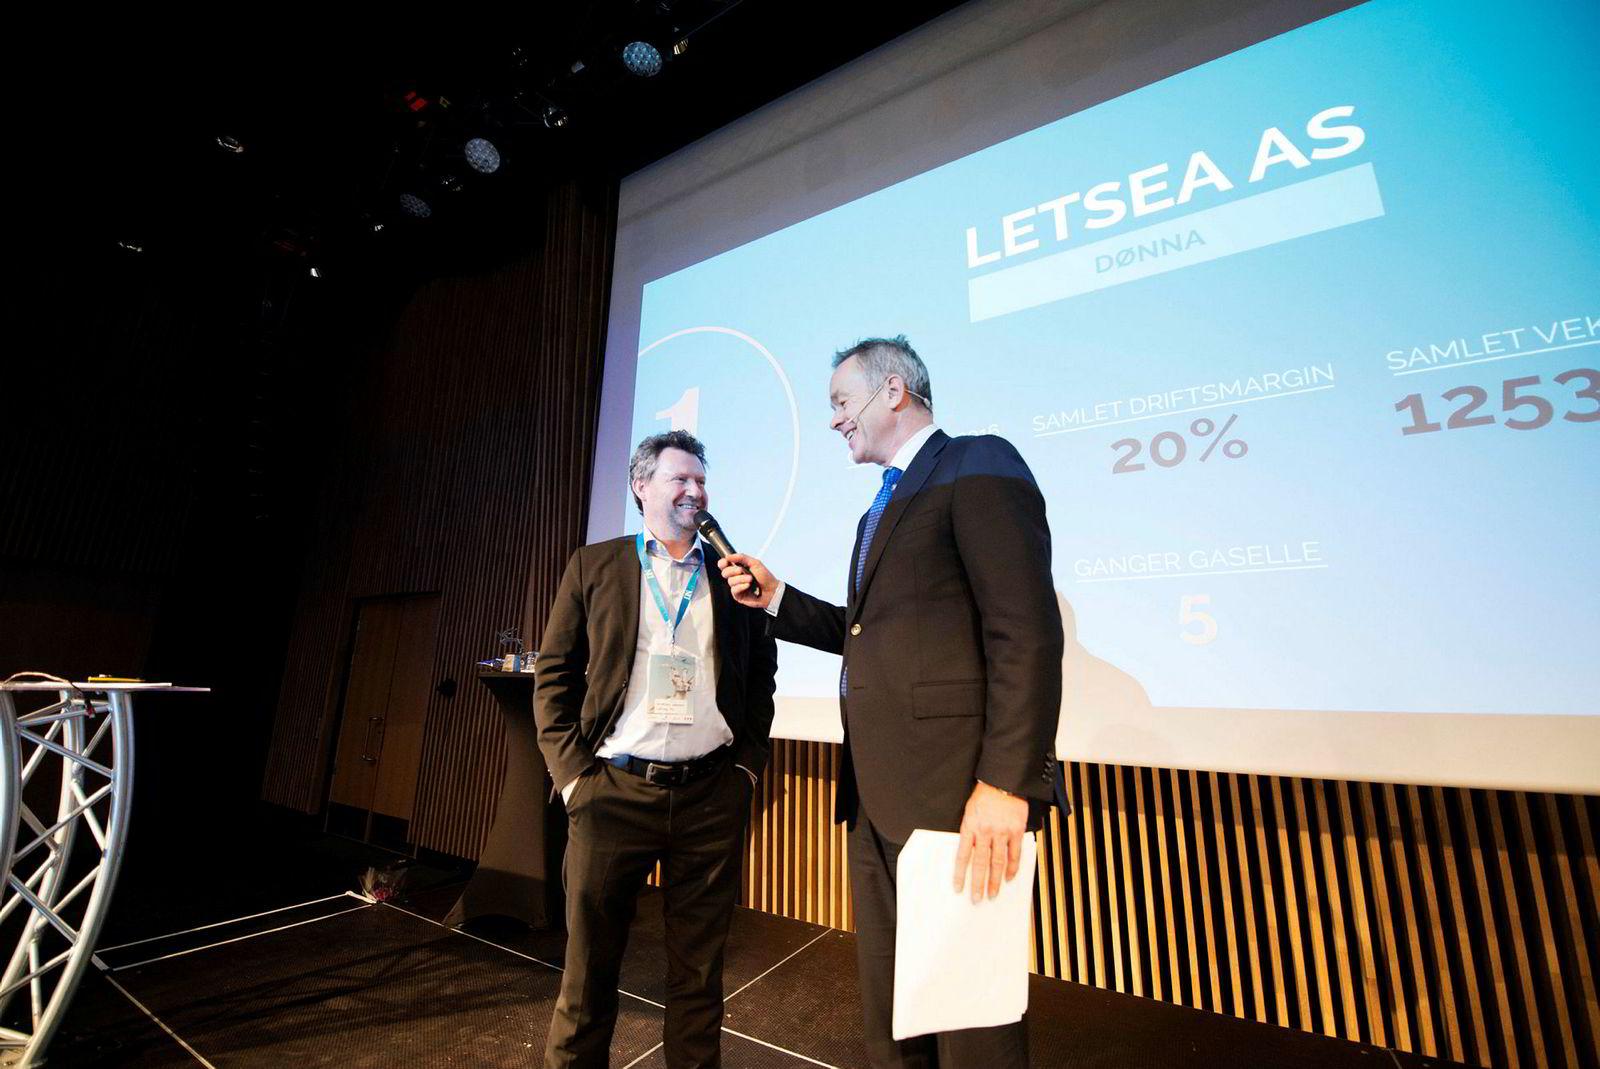 Daglig leder Kristian Johnsen i Letsea mottar gaselleprisen for Nordland av redaktør Amund Djuve i DN på gasellekonferansen i Tromsø.